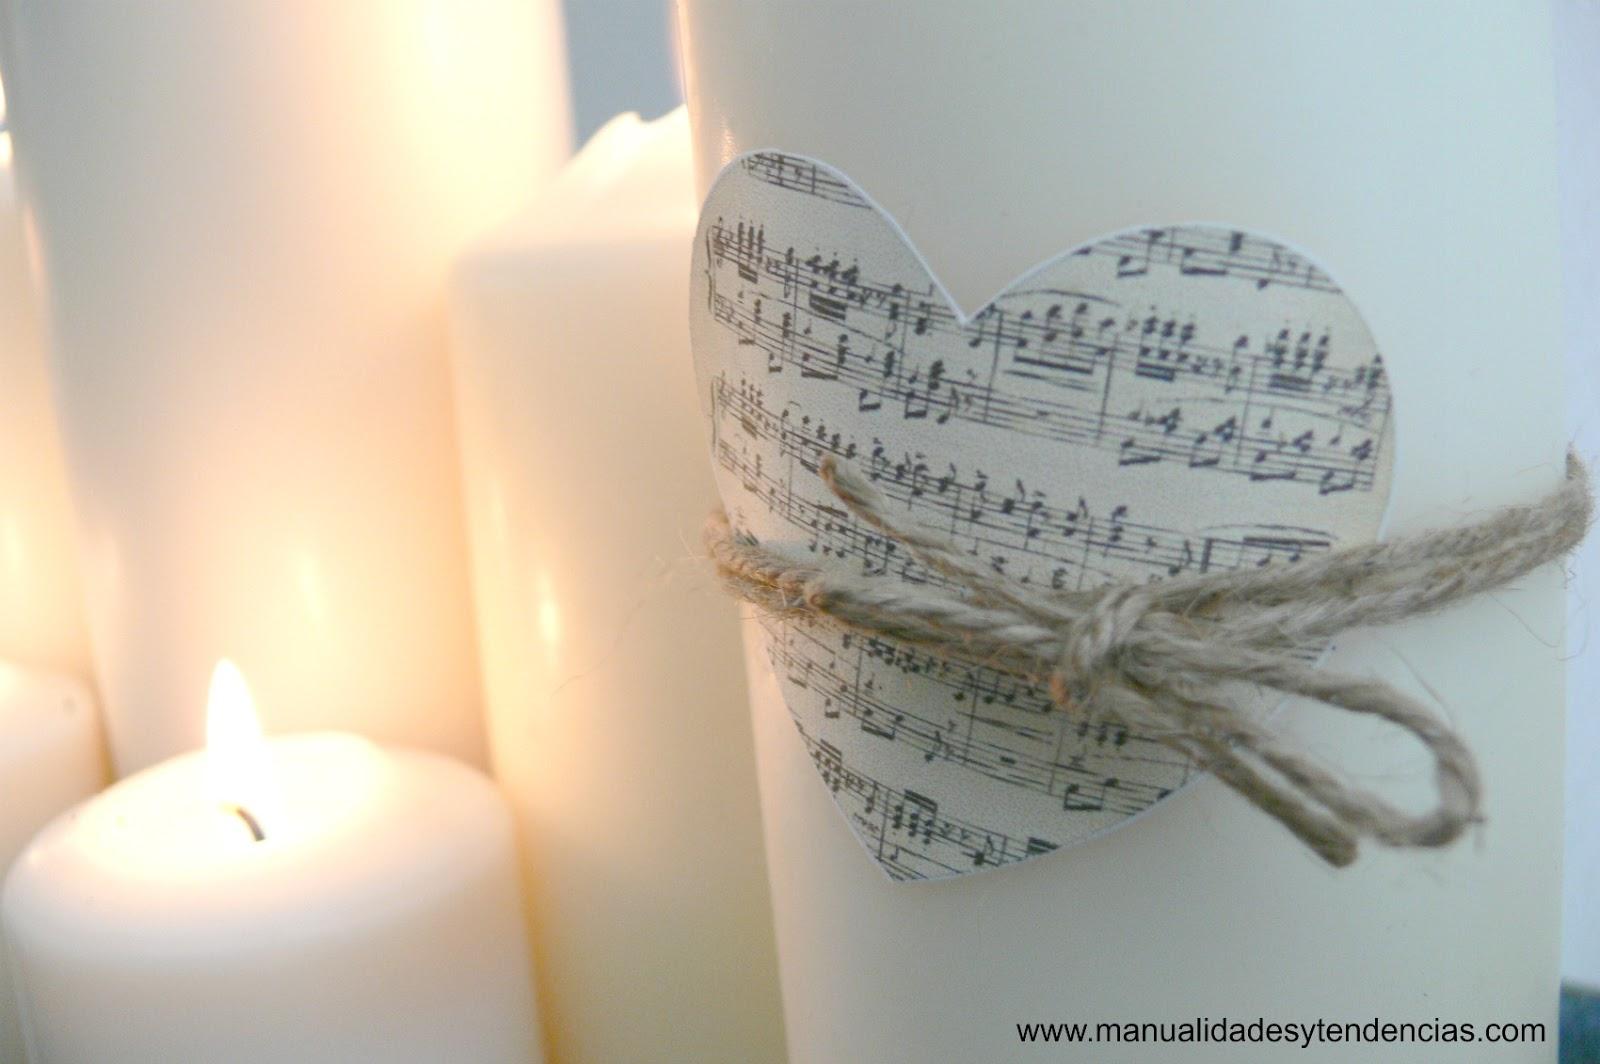 Manualidades y tendencias decorar con velas candle - Decorar con velas ...